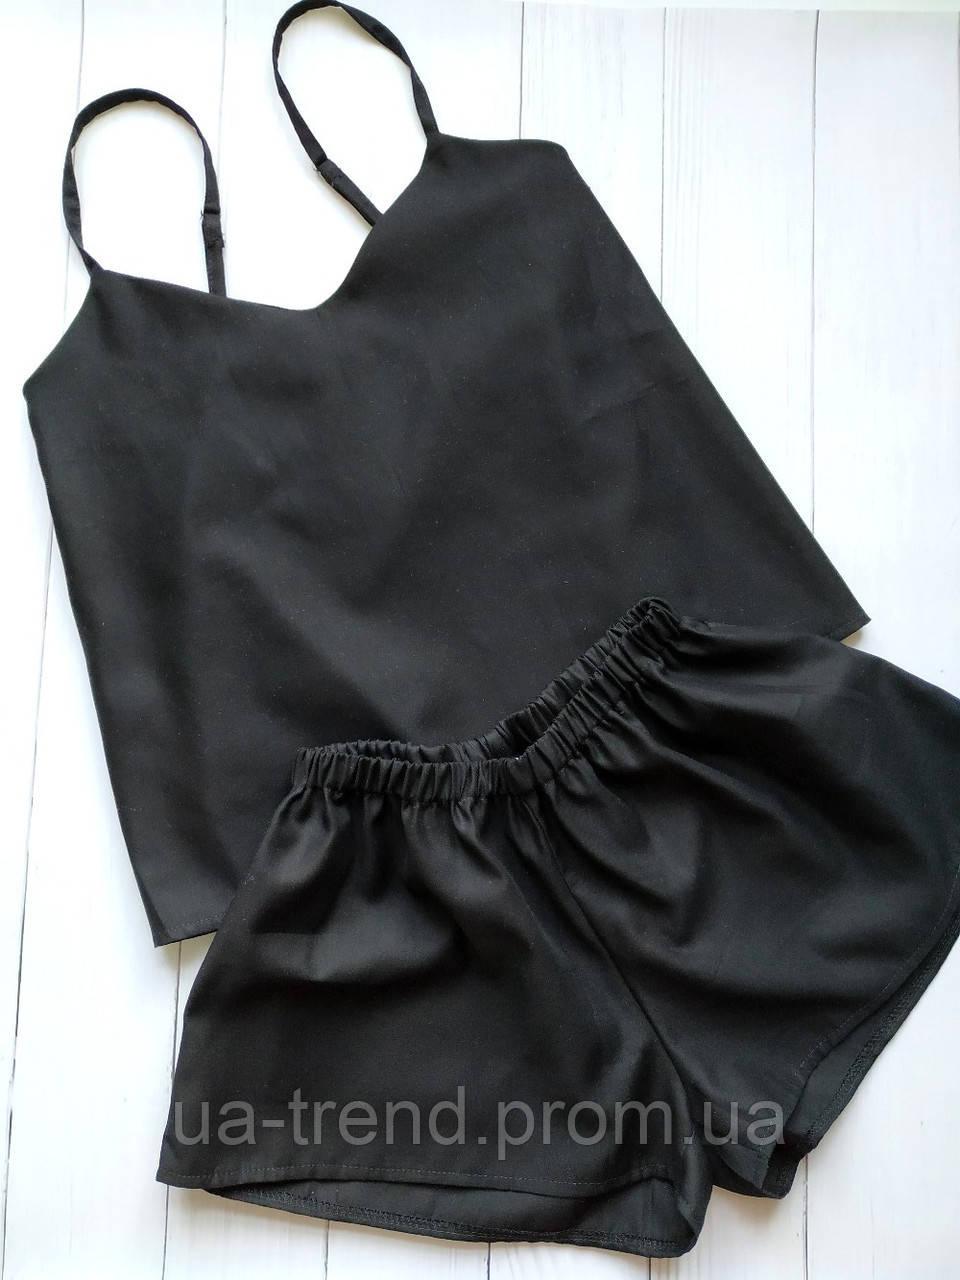 Пижама женская однотонная черного цвета 100% хлопок